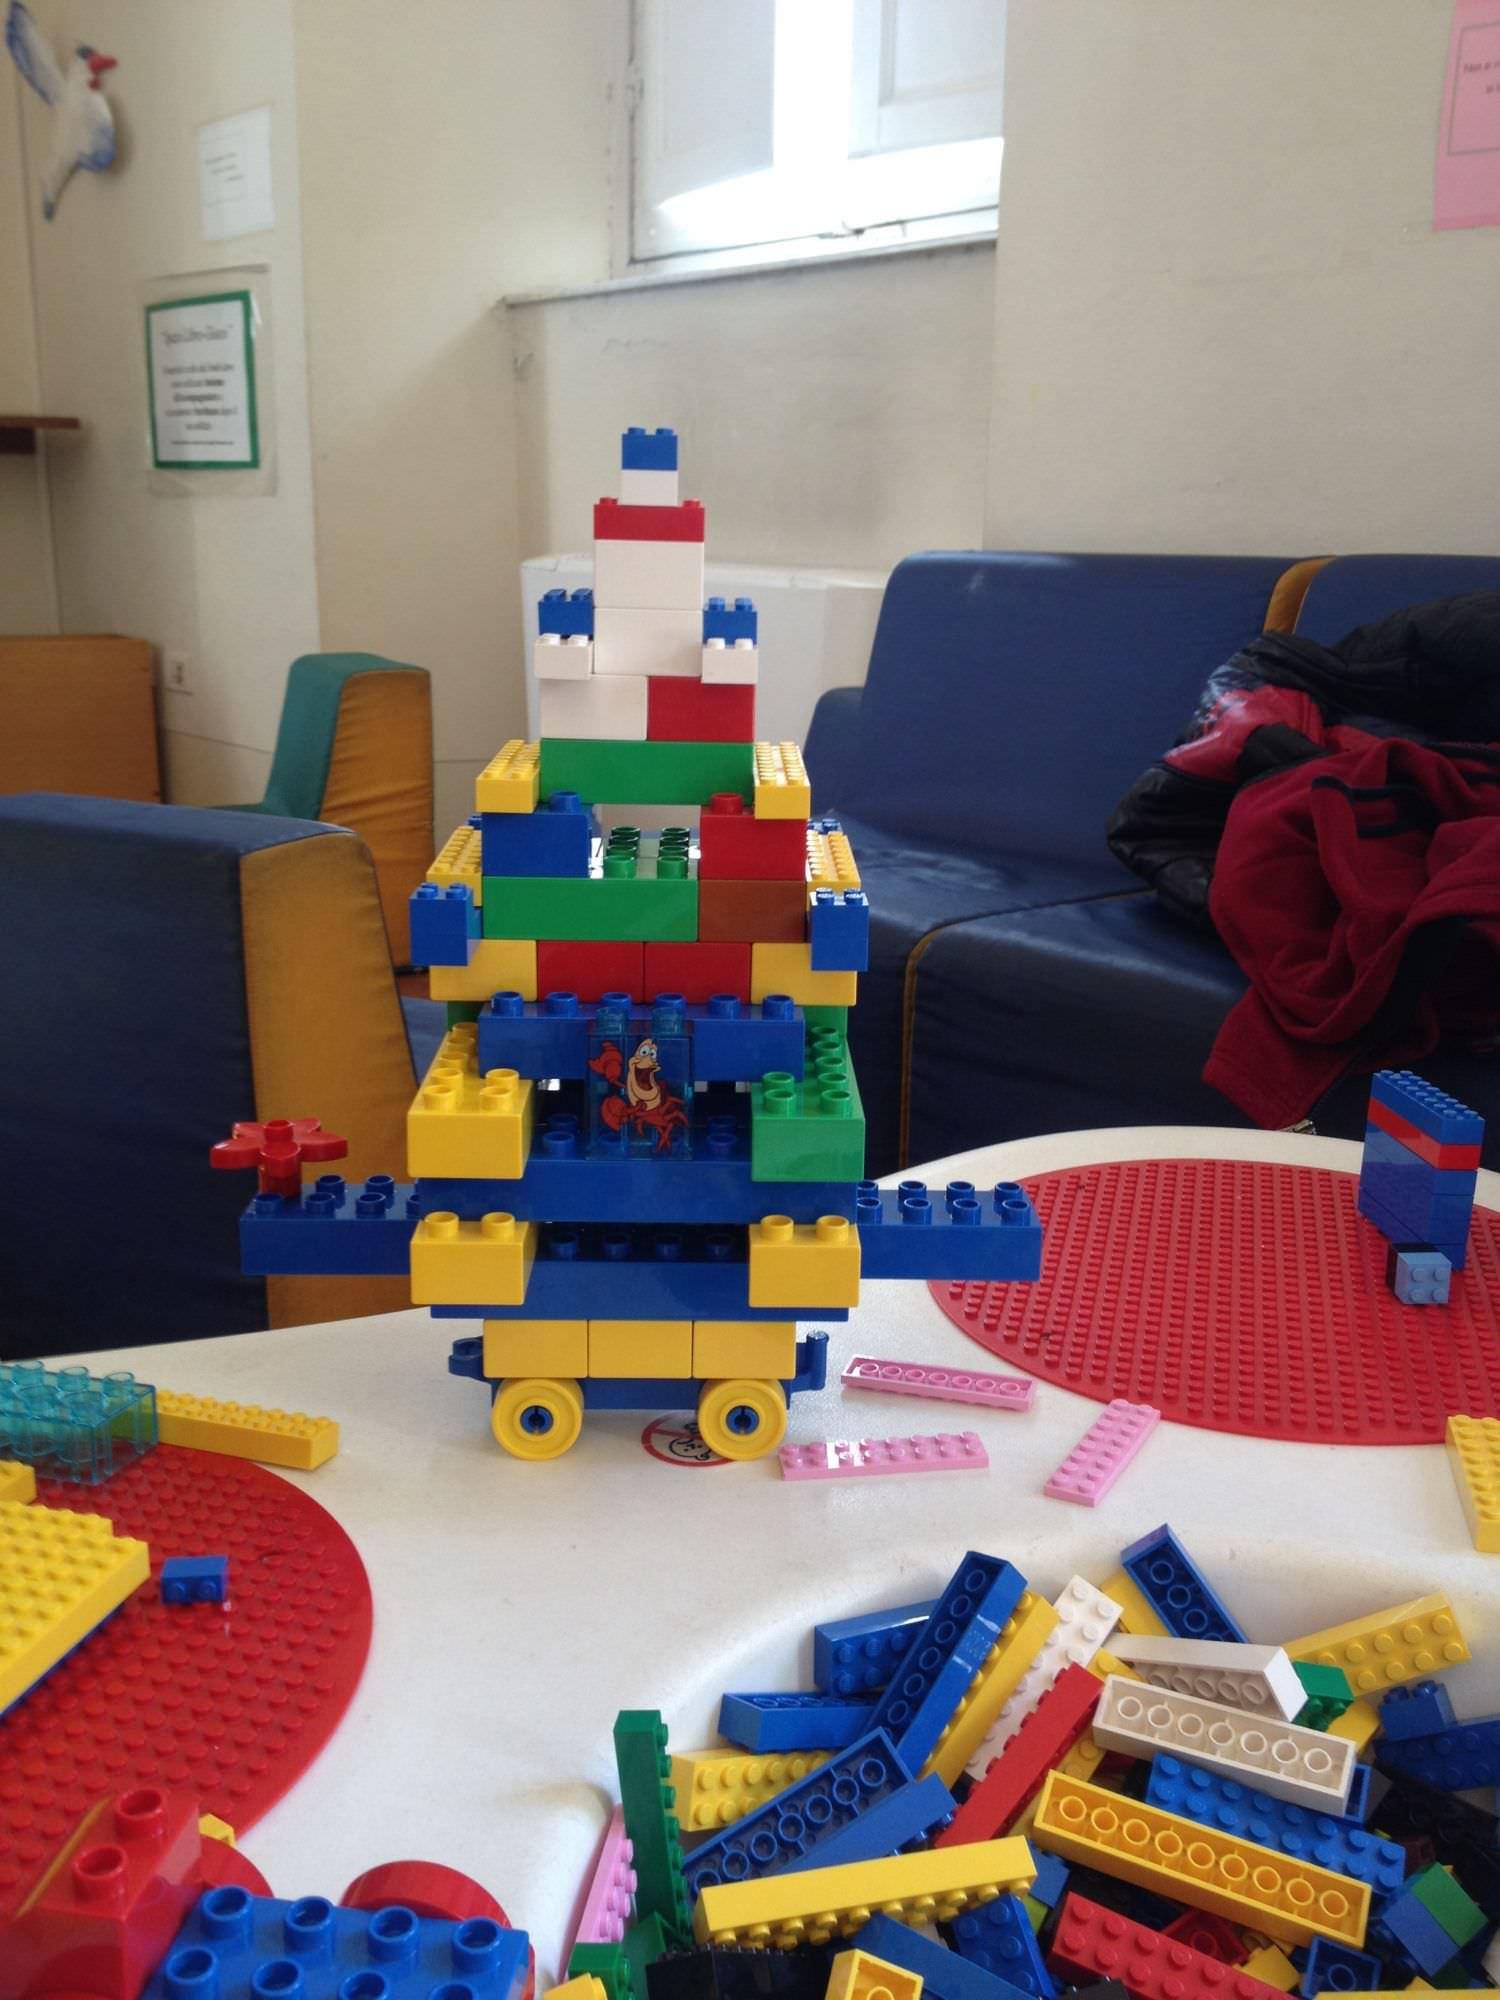 Carri di Carnevale con i mattoncini Lego. Successo per l'iniziativa dedicata ai piccoli artisti